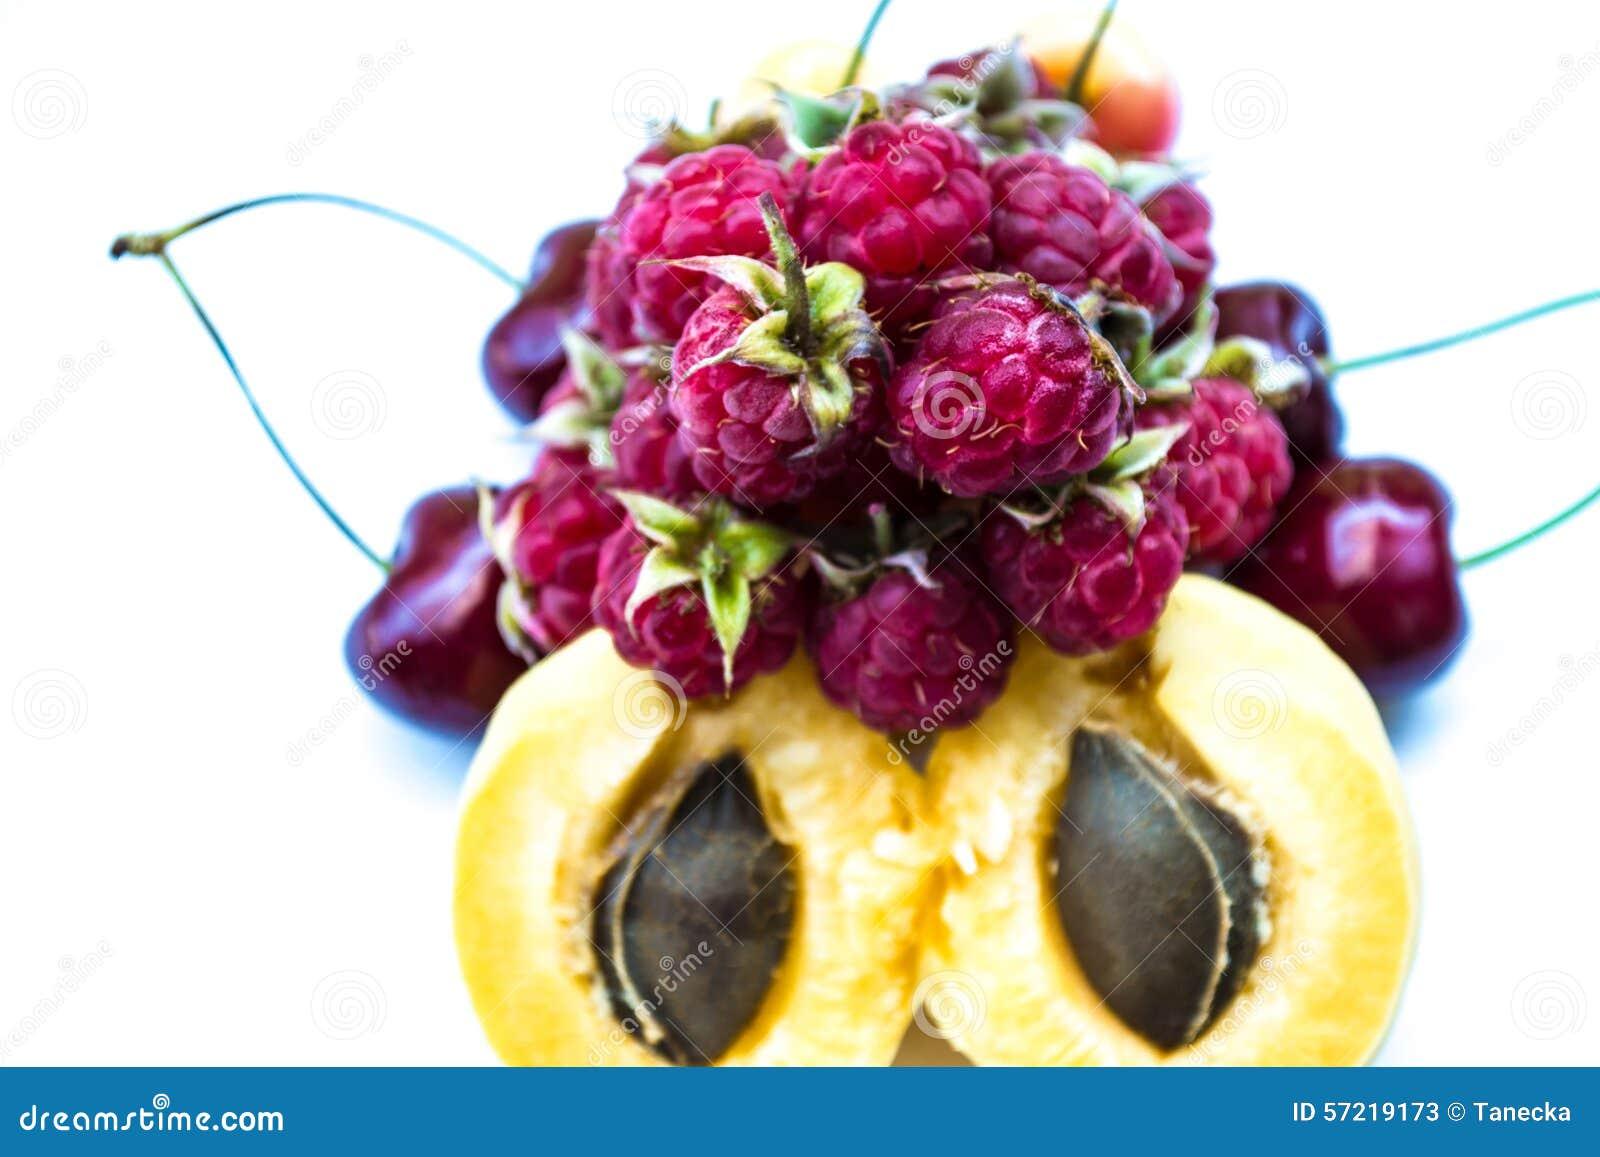 Albaricoques, cerezas dulces y frambuesas